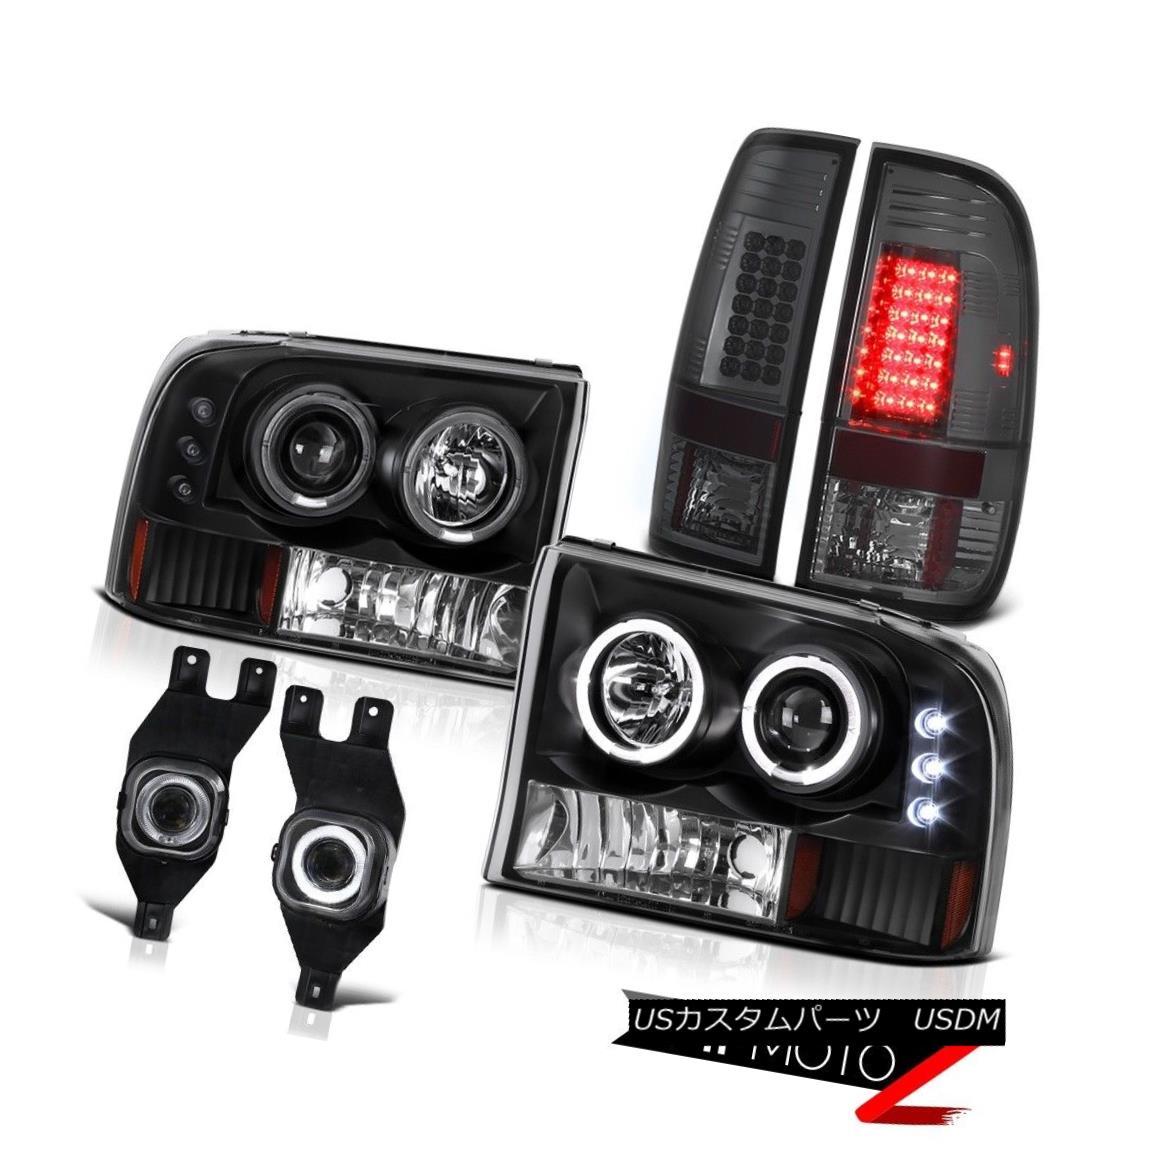 テールライト Black Corner Bumper Halo Headlights Foglamps LED Smoke Tail Lights F250 F350 ブラックコーナーバンパーヘイローヘッドライトFoglamps LED煙テールライトF250 F350